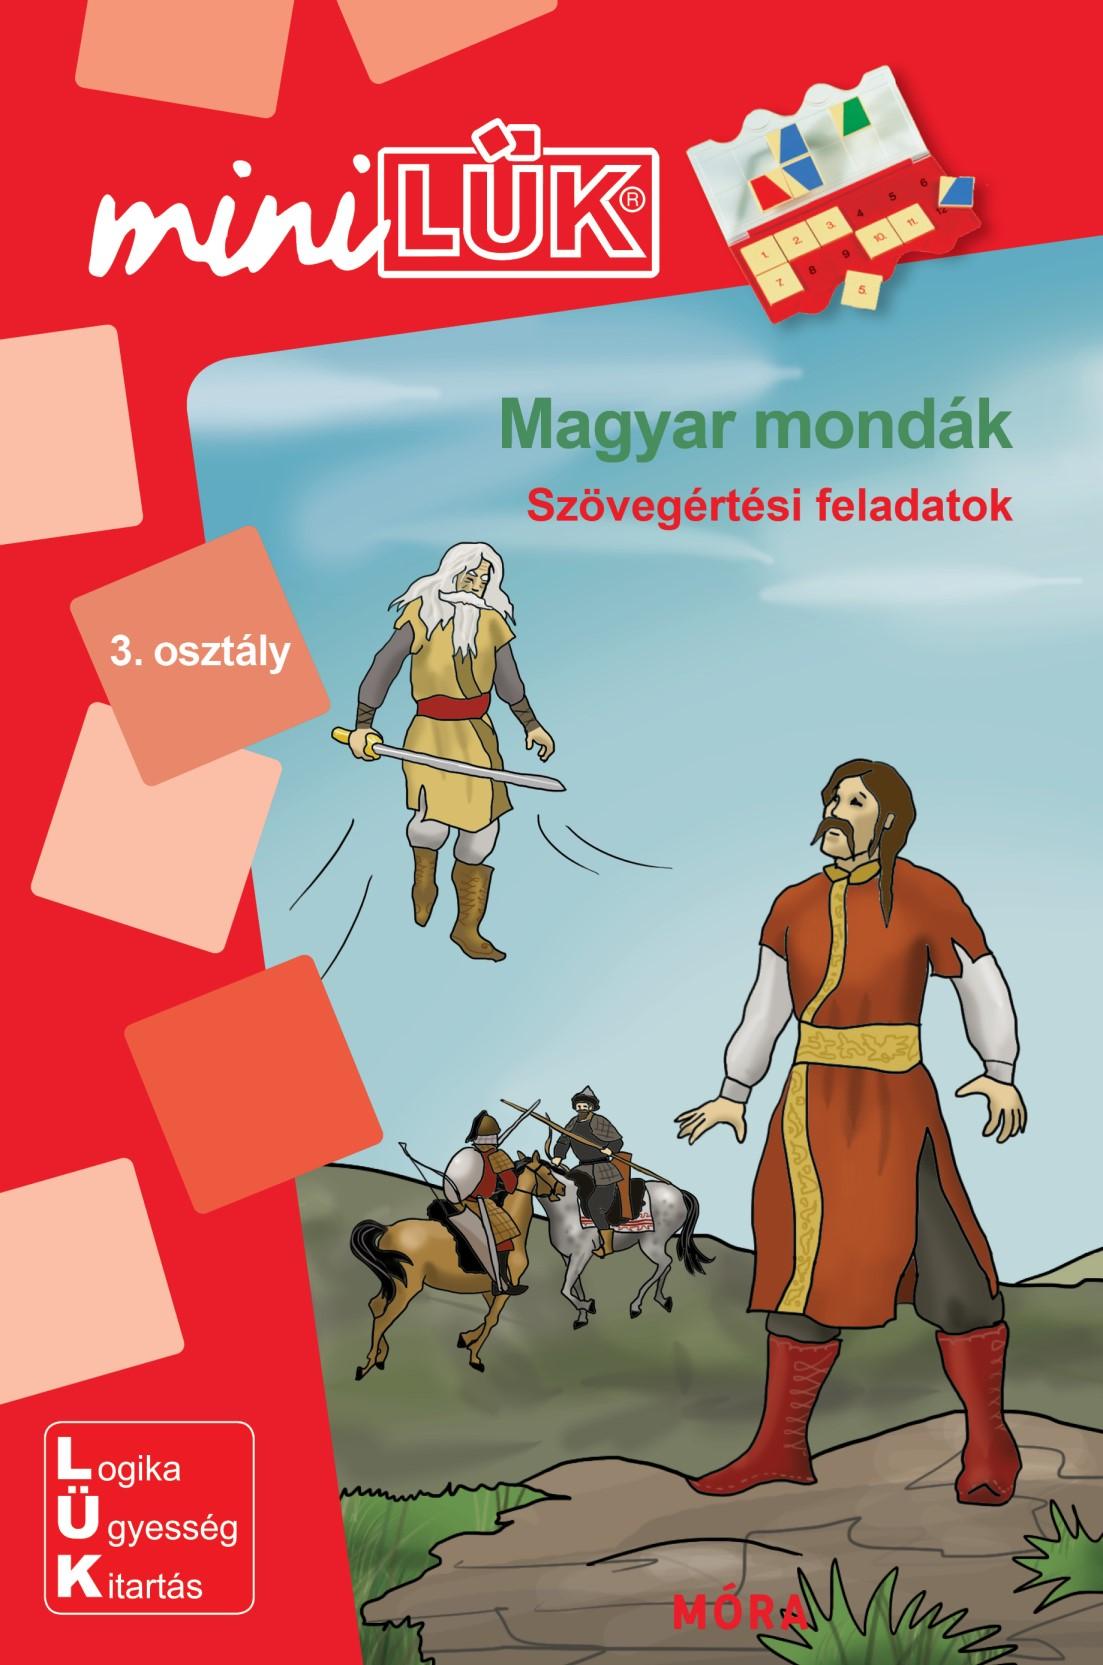 Magyar mondák - Szövegértési feladatok - MiniLÜK - Móra EDU